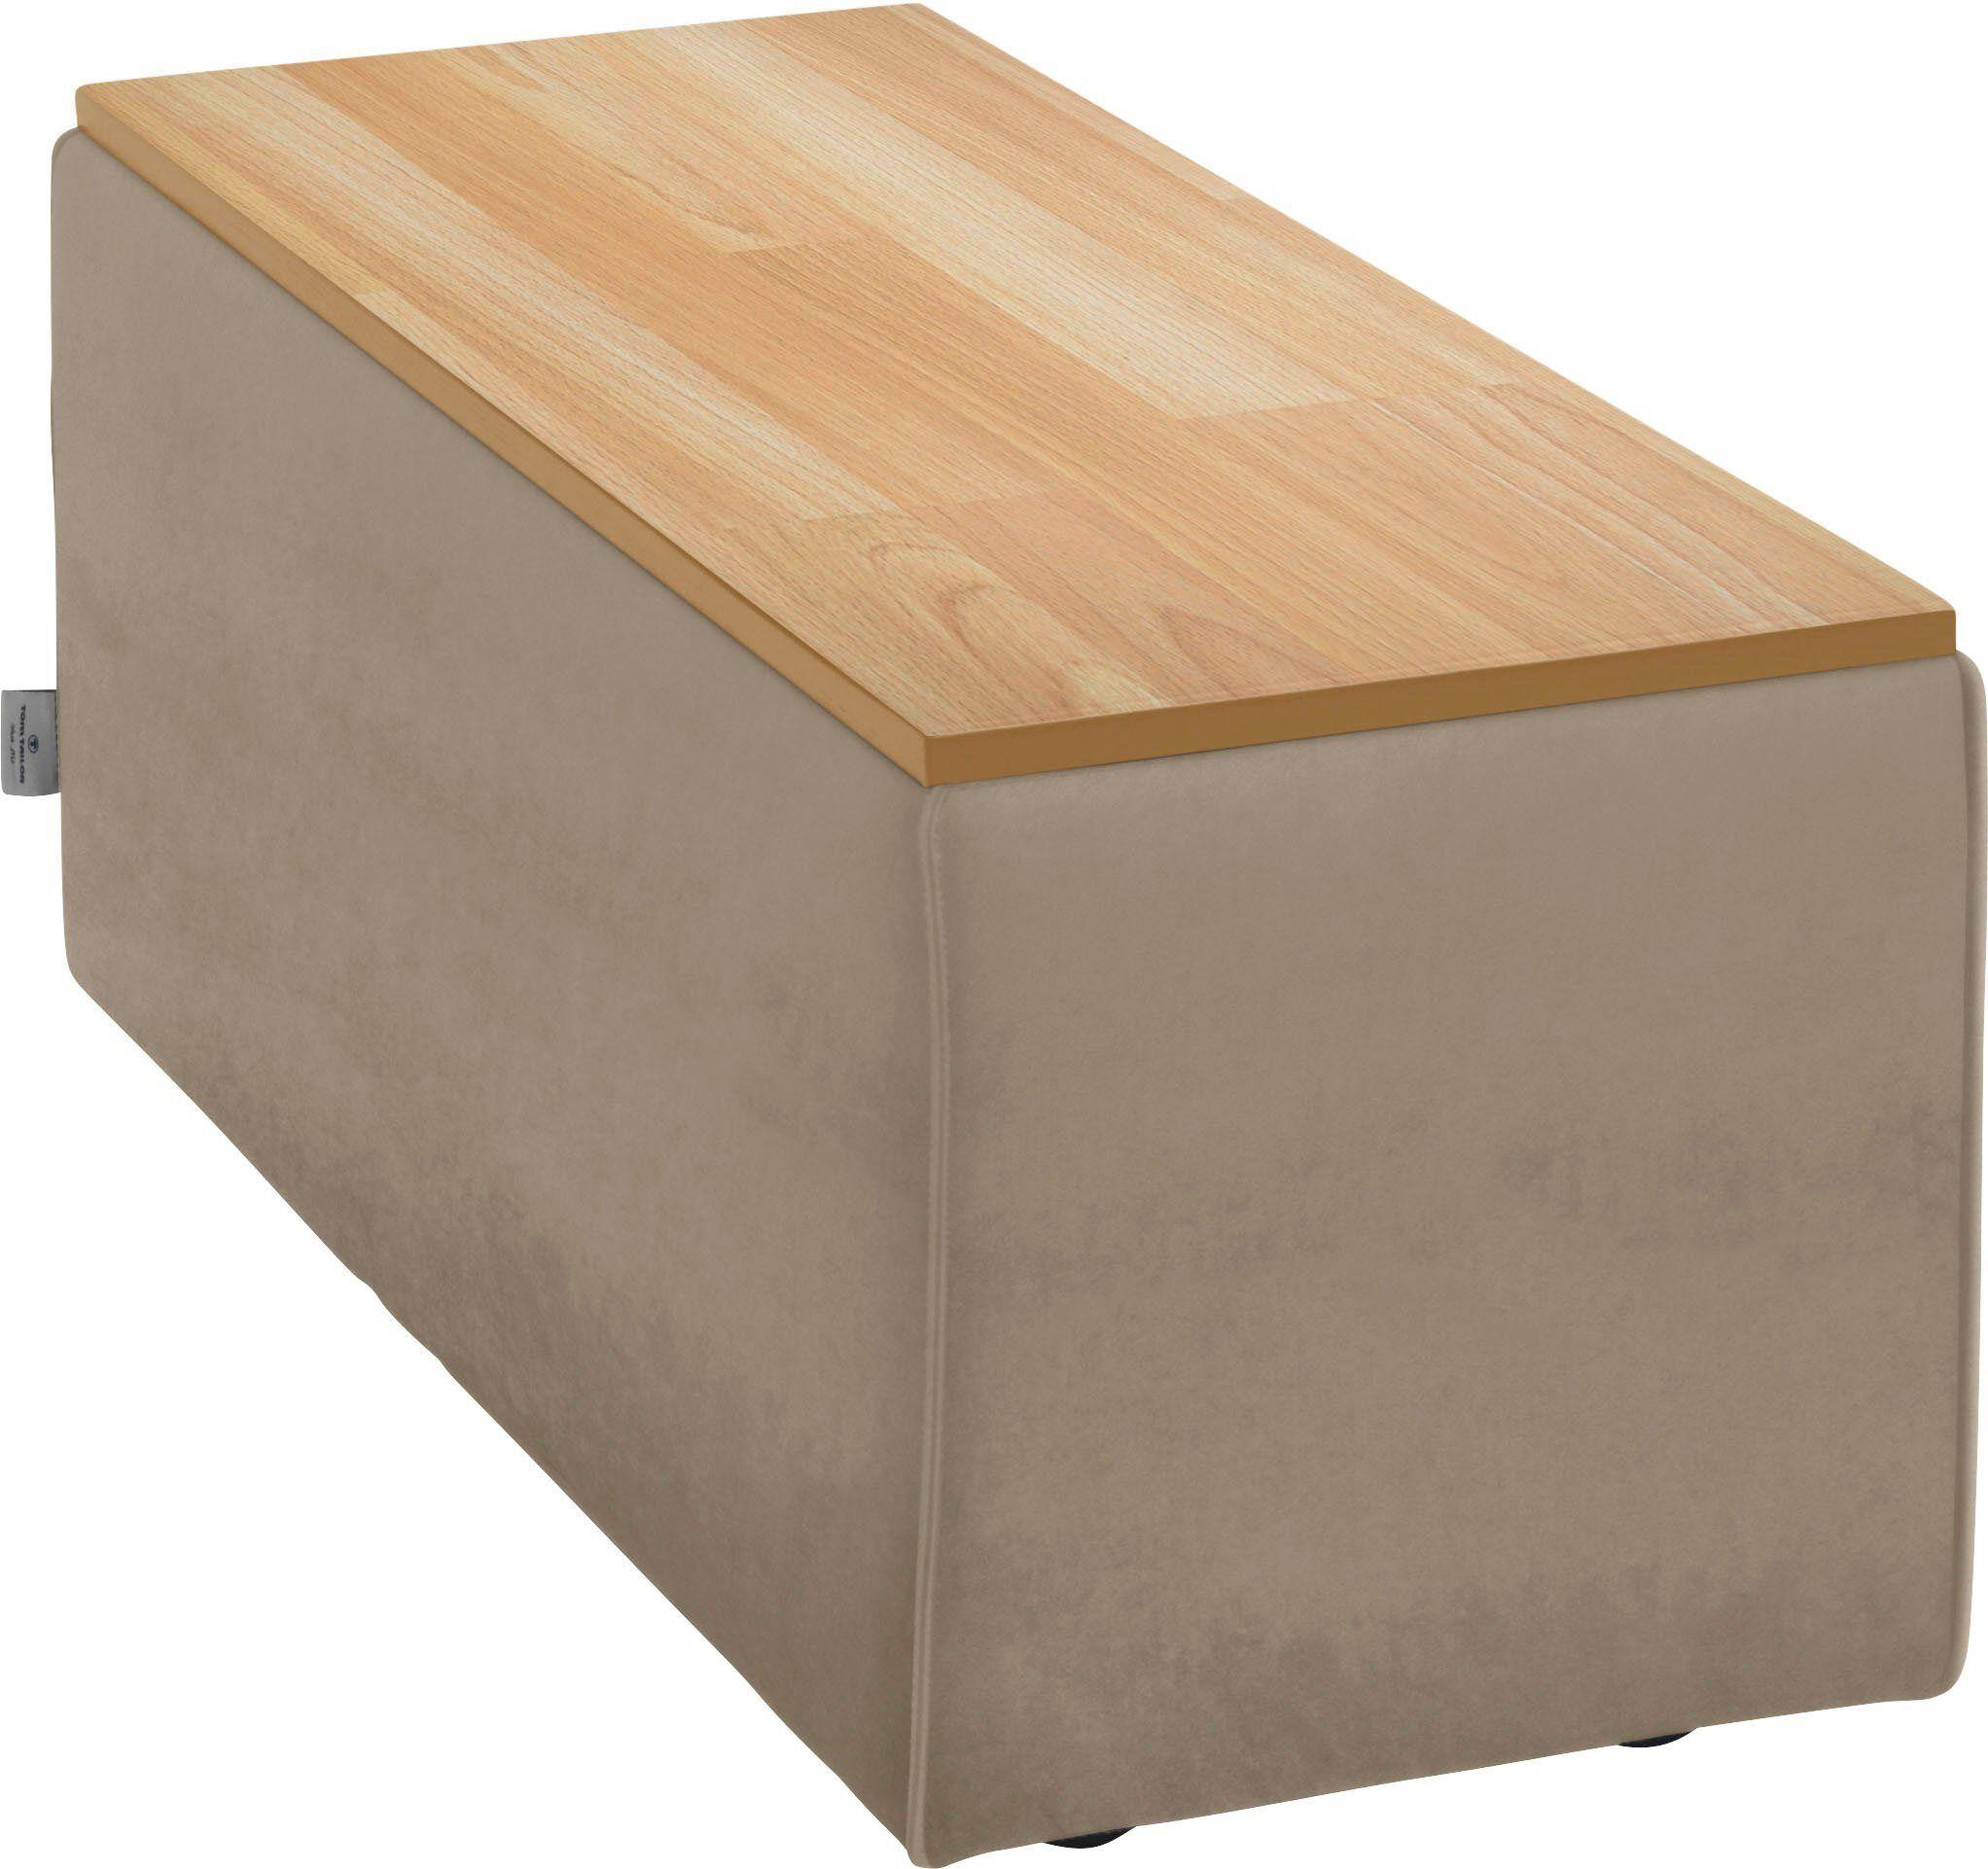 TOM TAILOR Tischelement »ELEMENTS«, Tischplatte in Buche natur, als Couchtisch oder Sofaelement einsetzbar, dune TSV 12